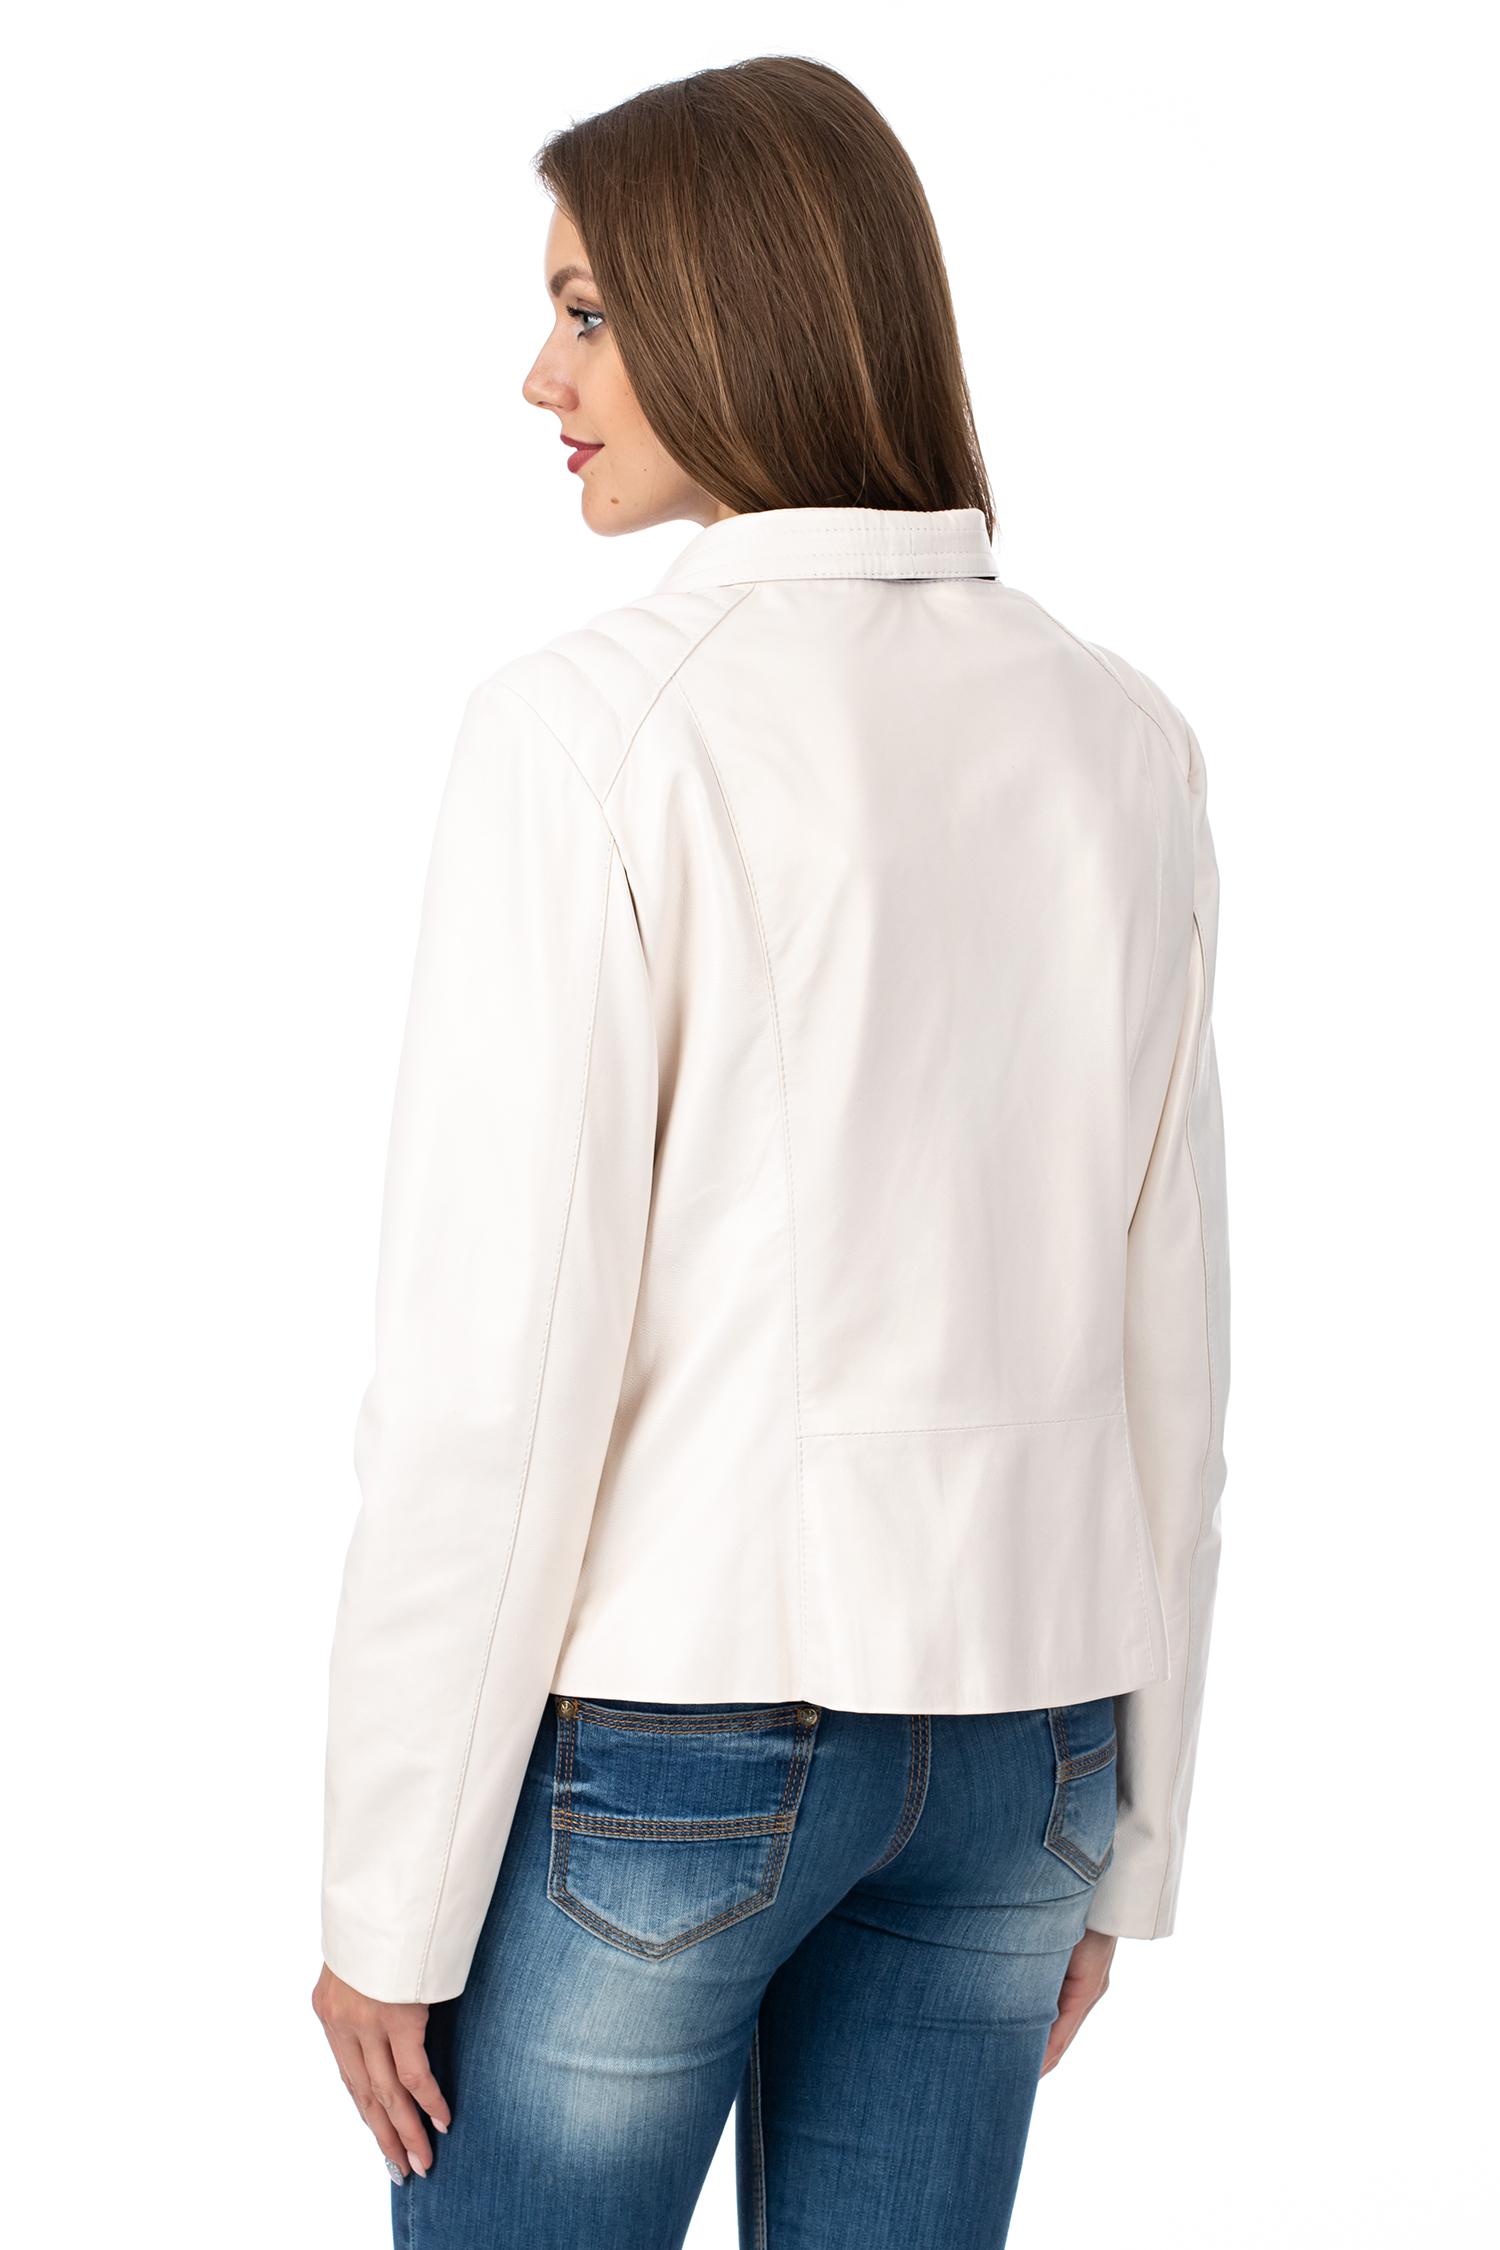 Фото 3 - Женская кожаная куртка из натуральной кожи с капюшоном от МОСМЕХА белого цвета